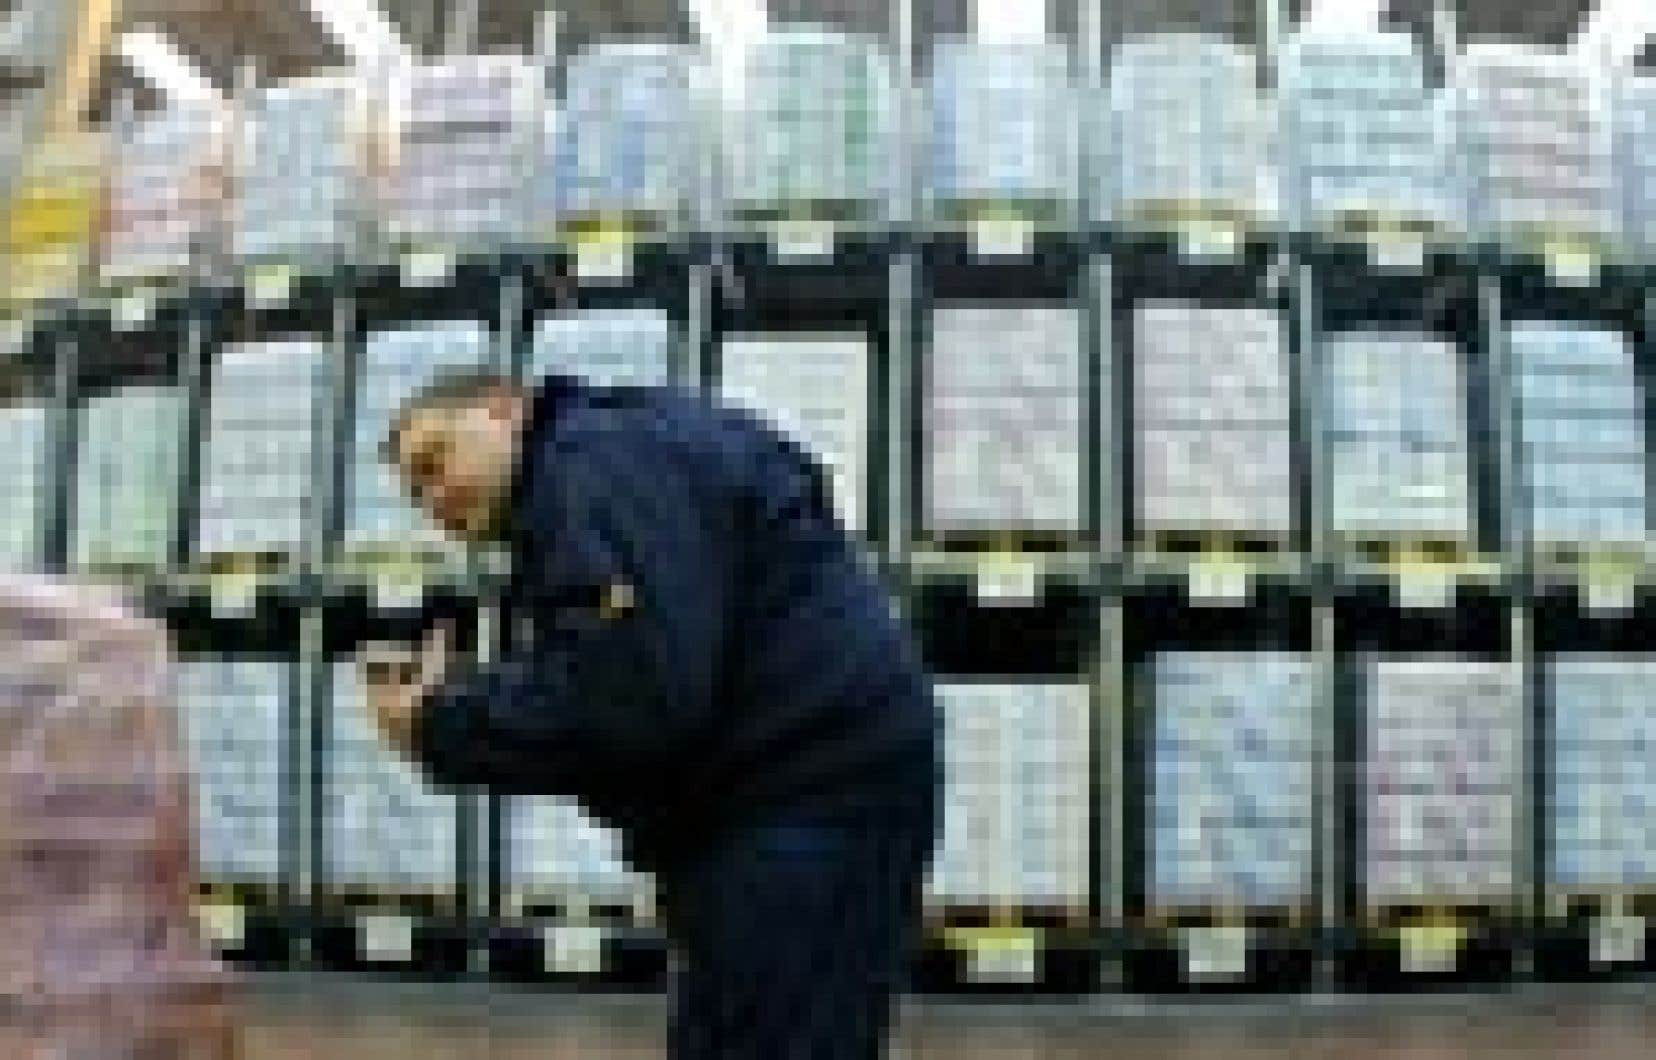 Au total, au moins 10 milliards d'euros manqueraient à l'appel chez Parmalat, selon les dernières estimations de la justice.